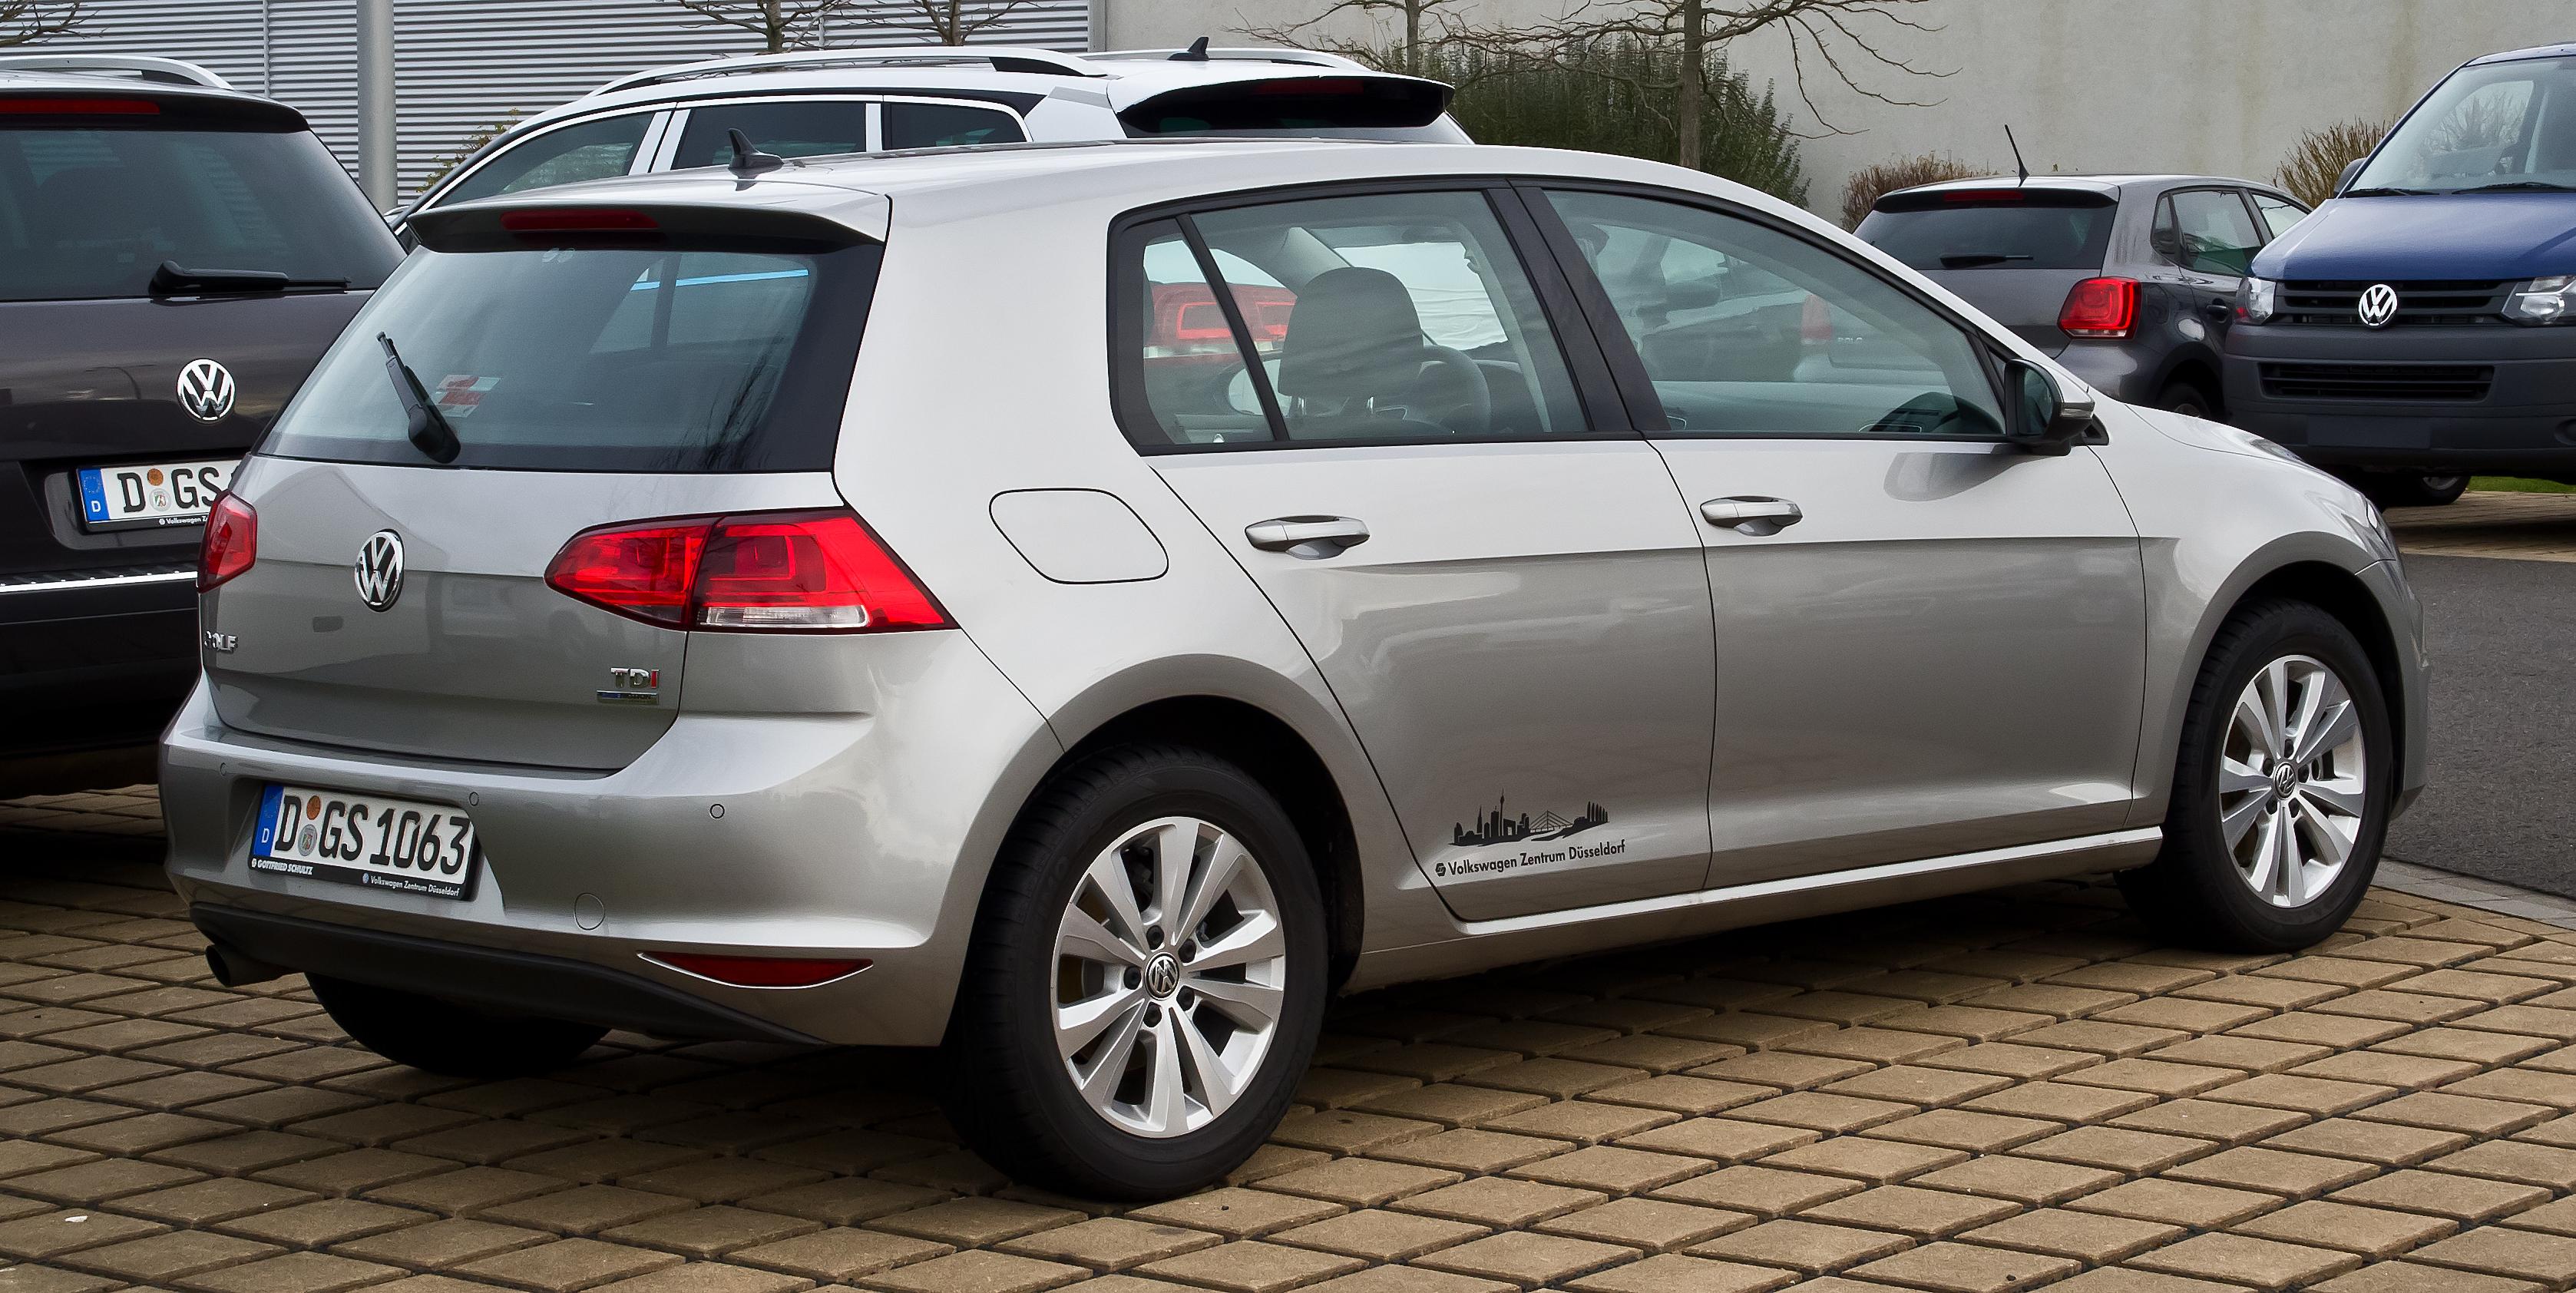 Компания Volkswagen начала отзыв дизельных автомобилей с модели Golf 1